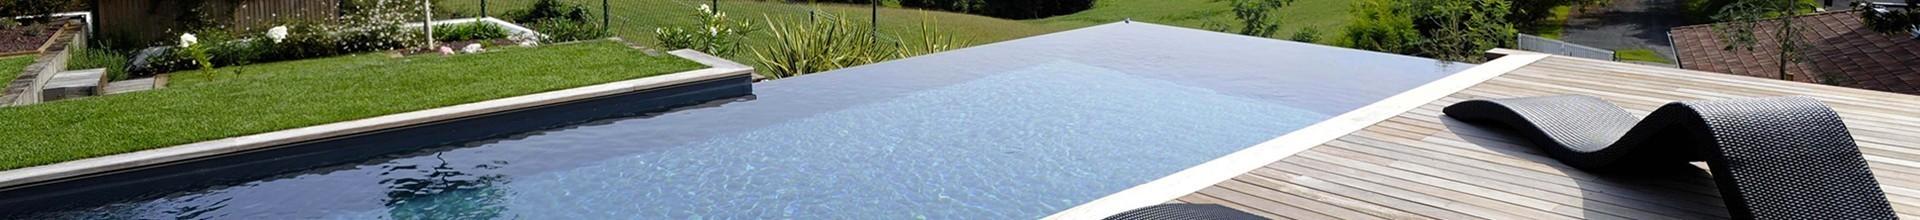 Maine-et-Loire Pays de Loire nettoyage d'une piscine en béton